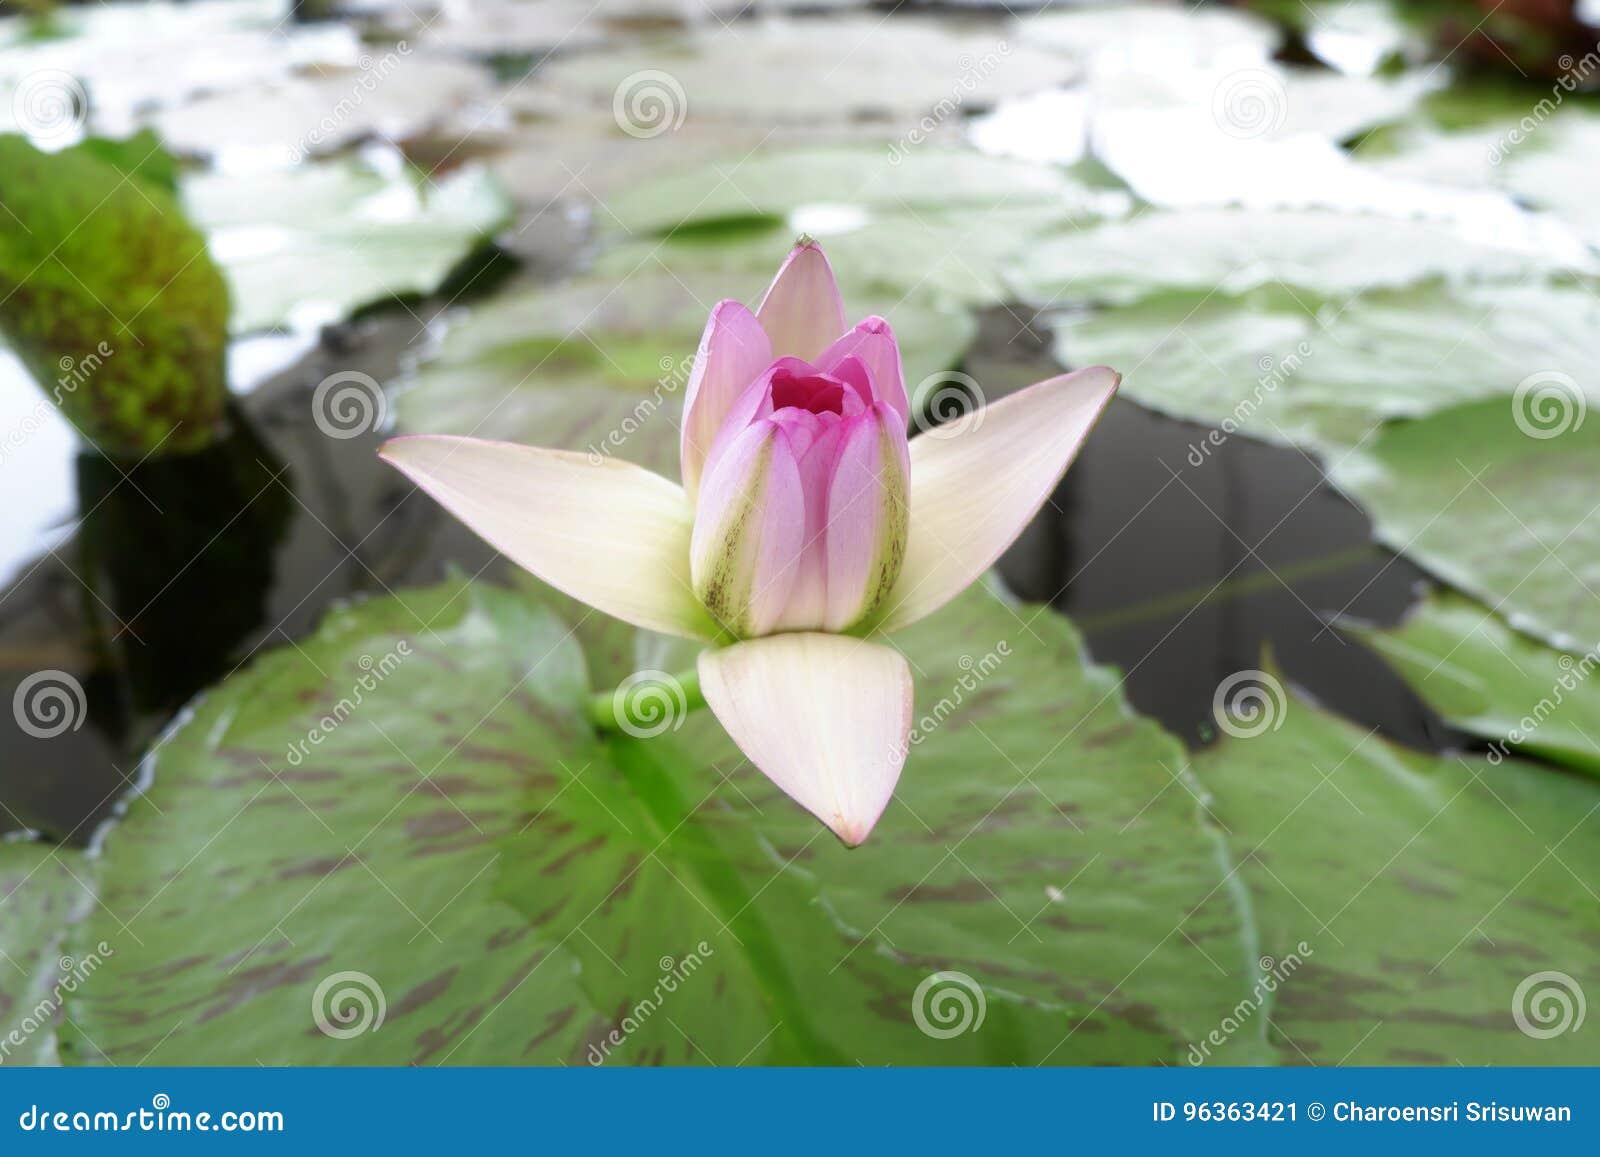 Beautiful Spiritual Start Blooming Lotus Stock Image Image Of